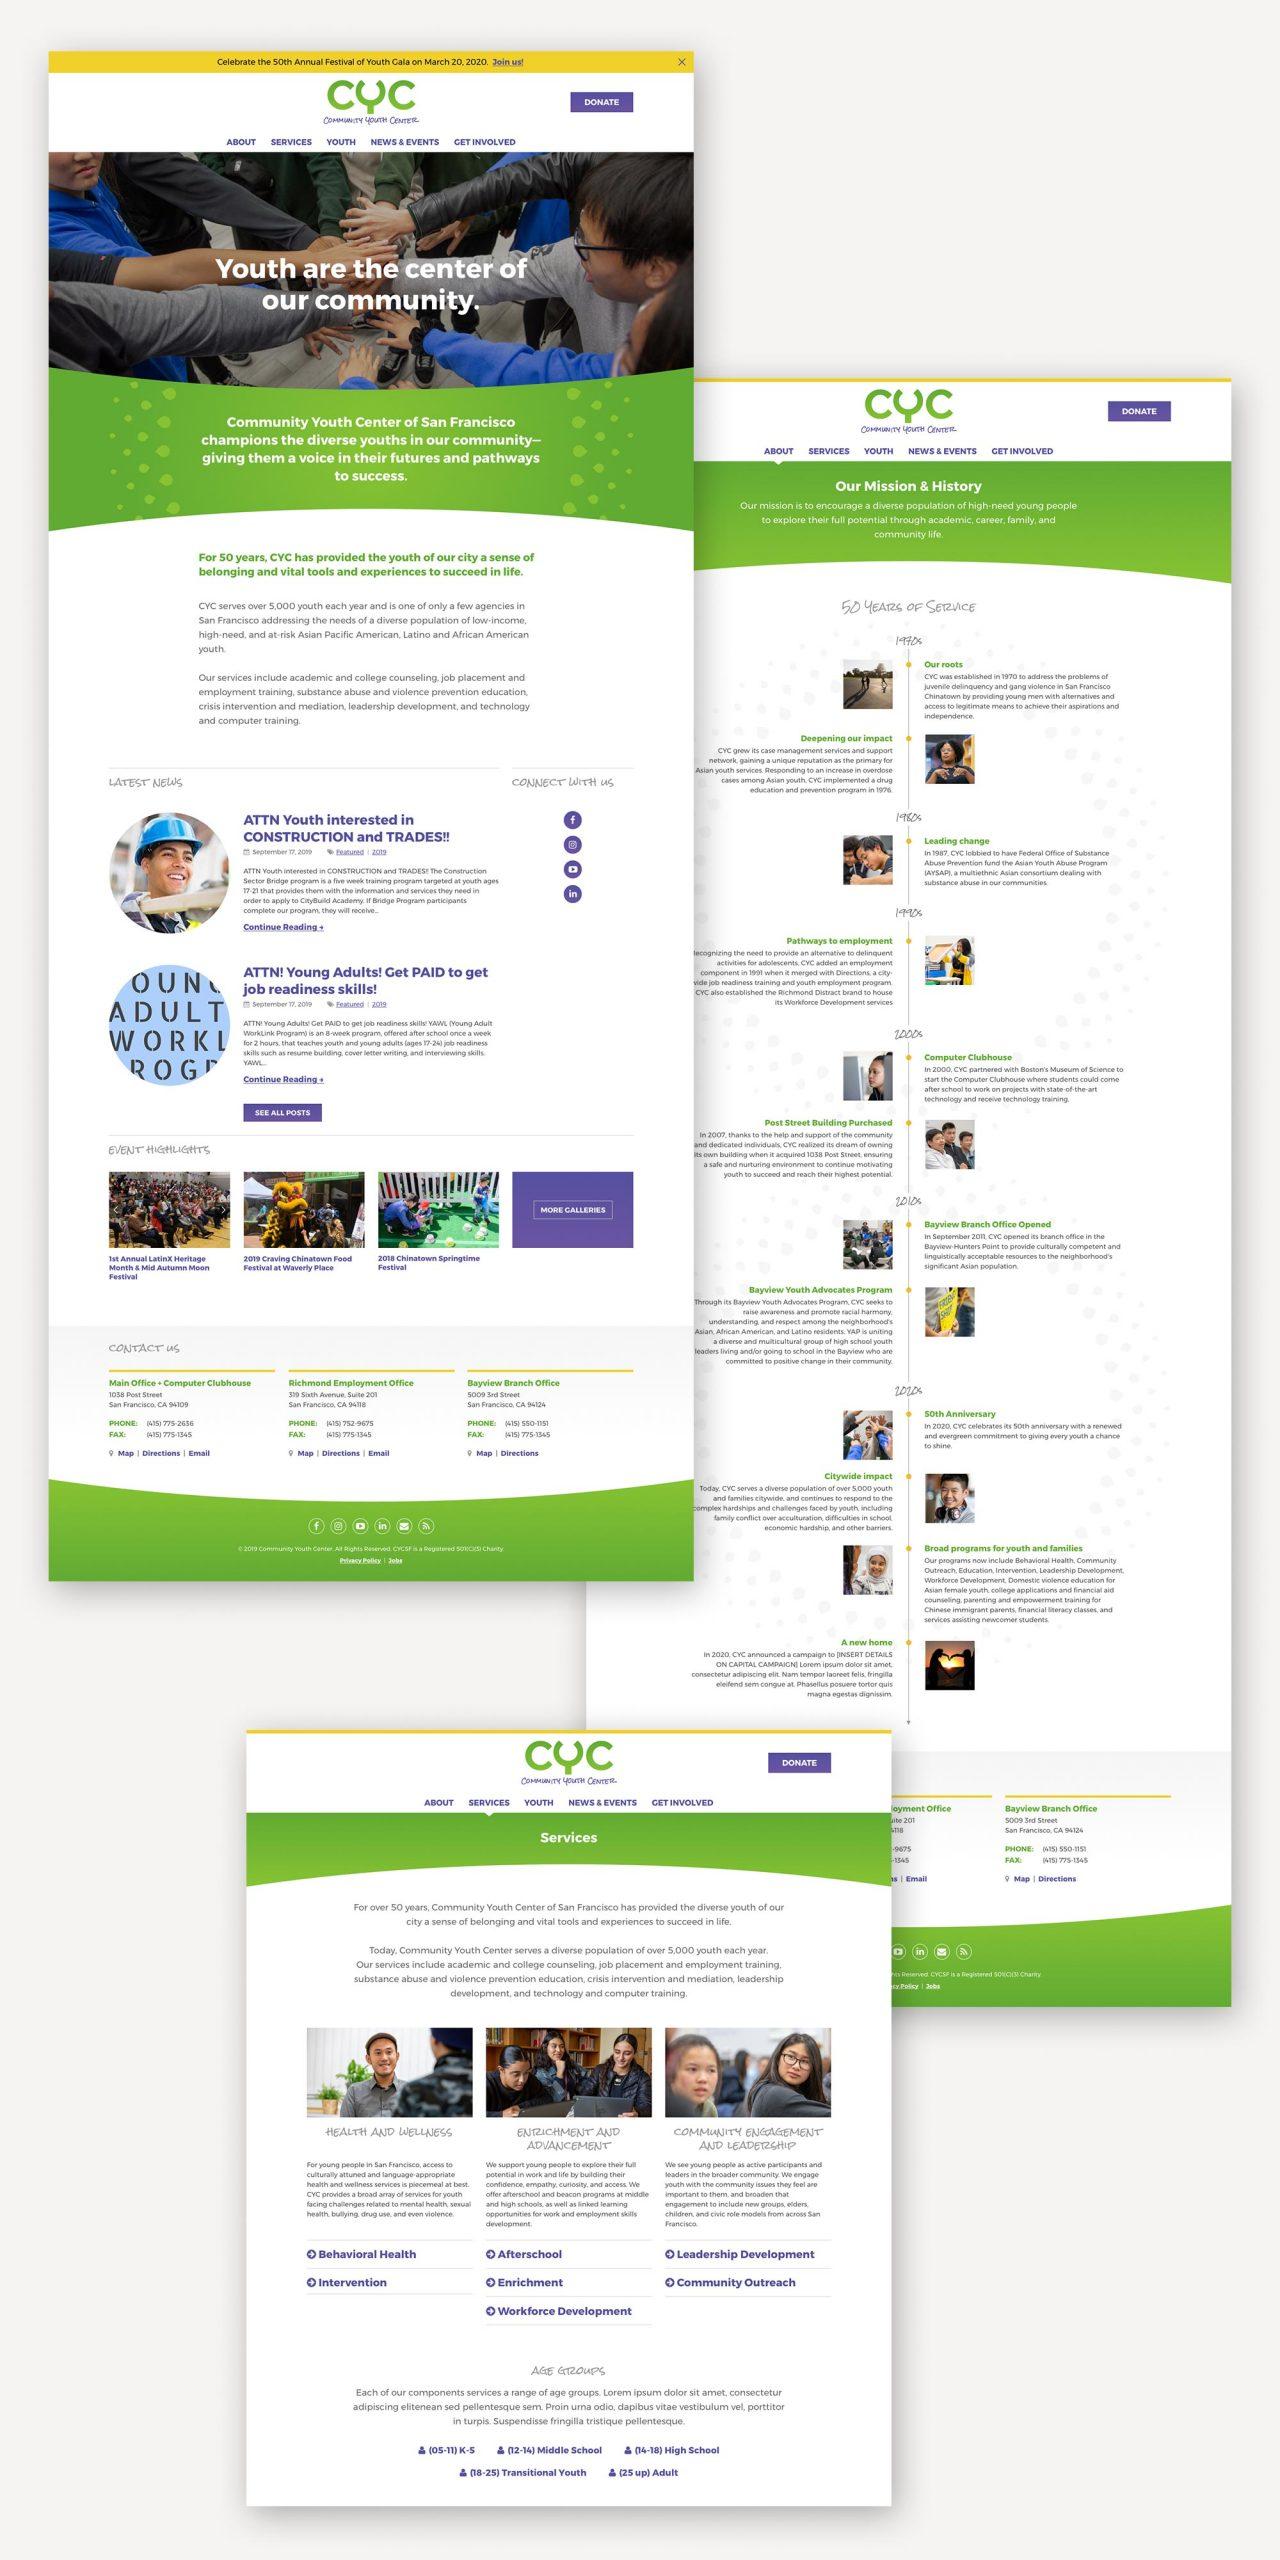 CYC website design